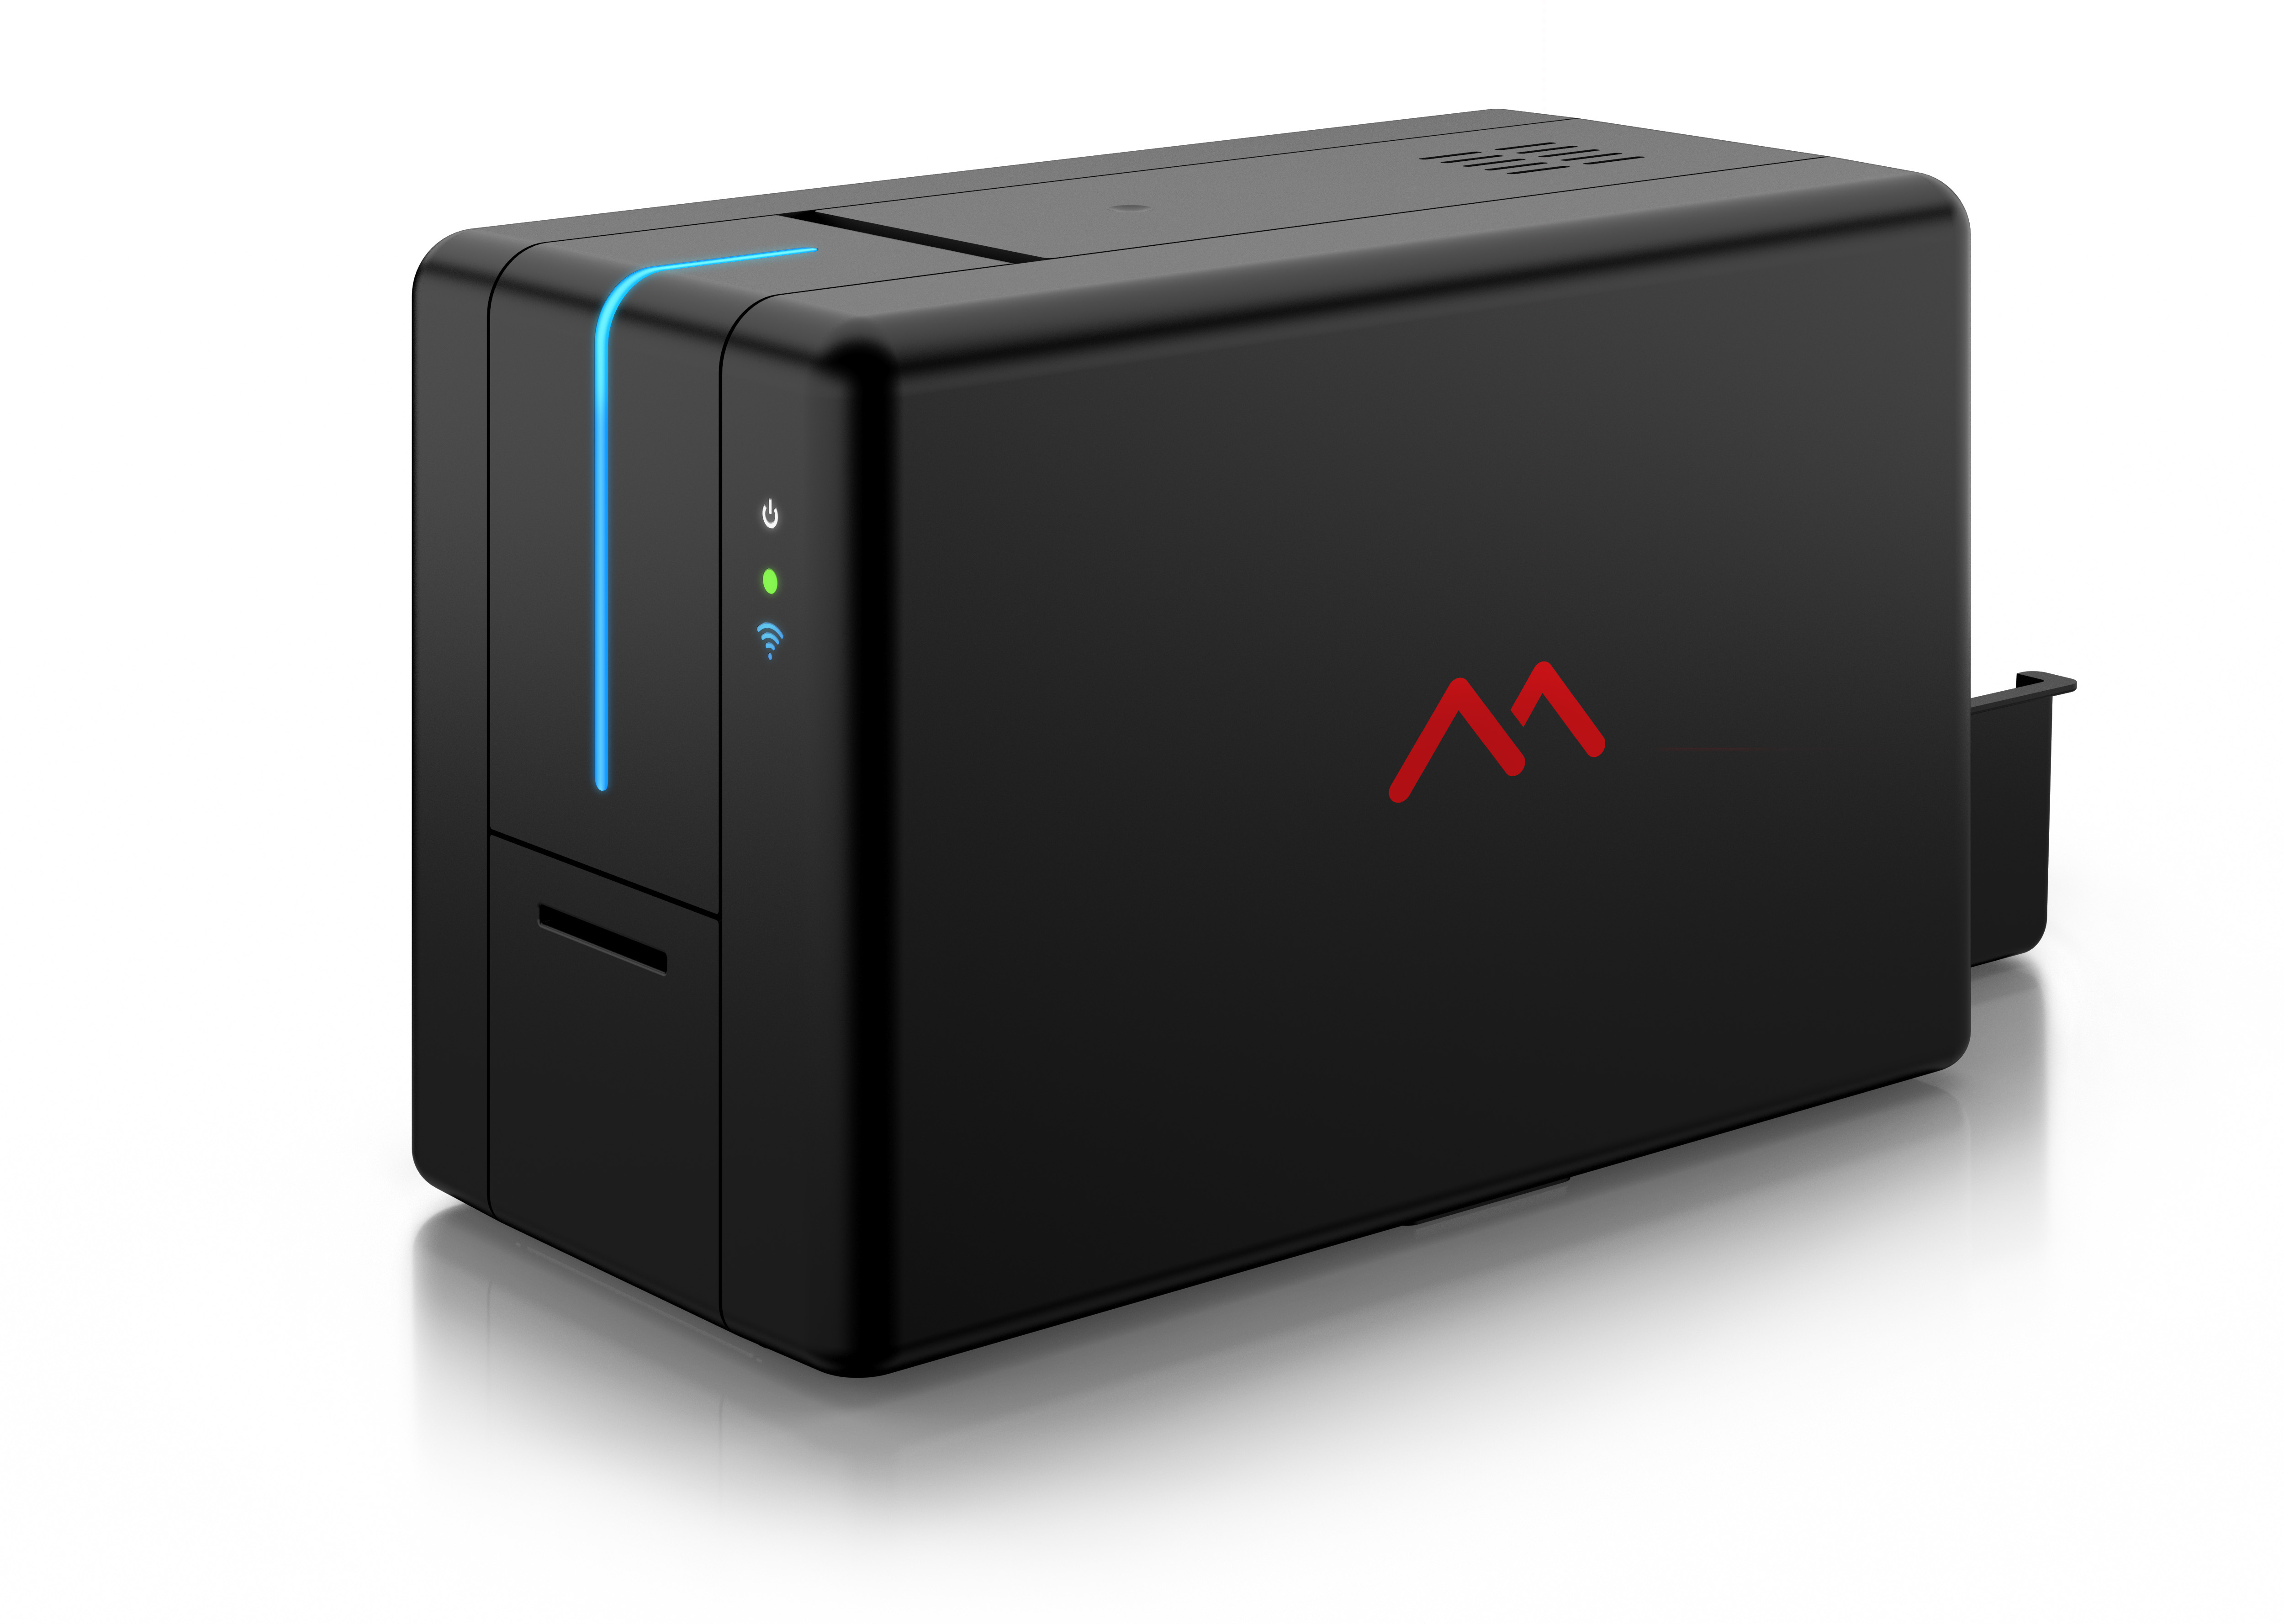 Matica Espresso Desktop Printer